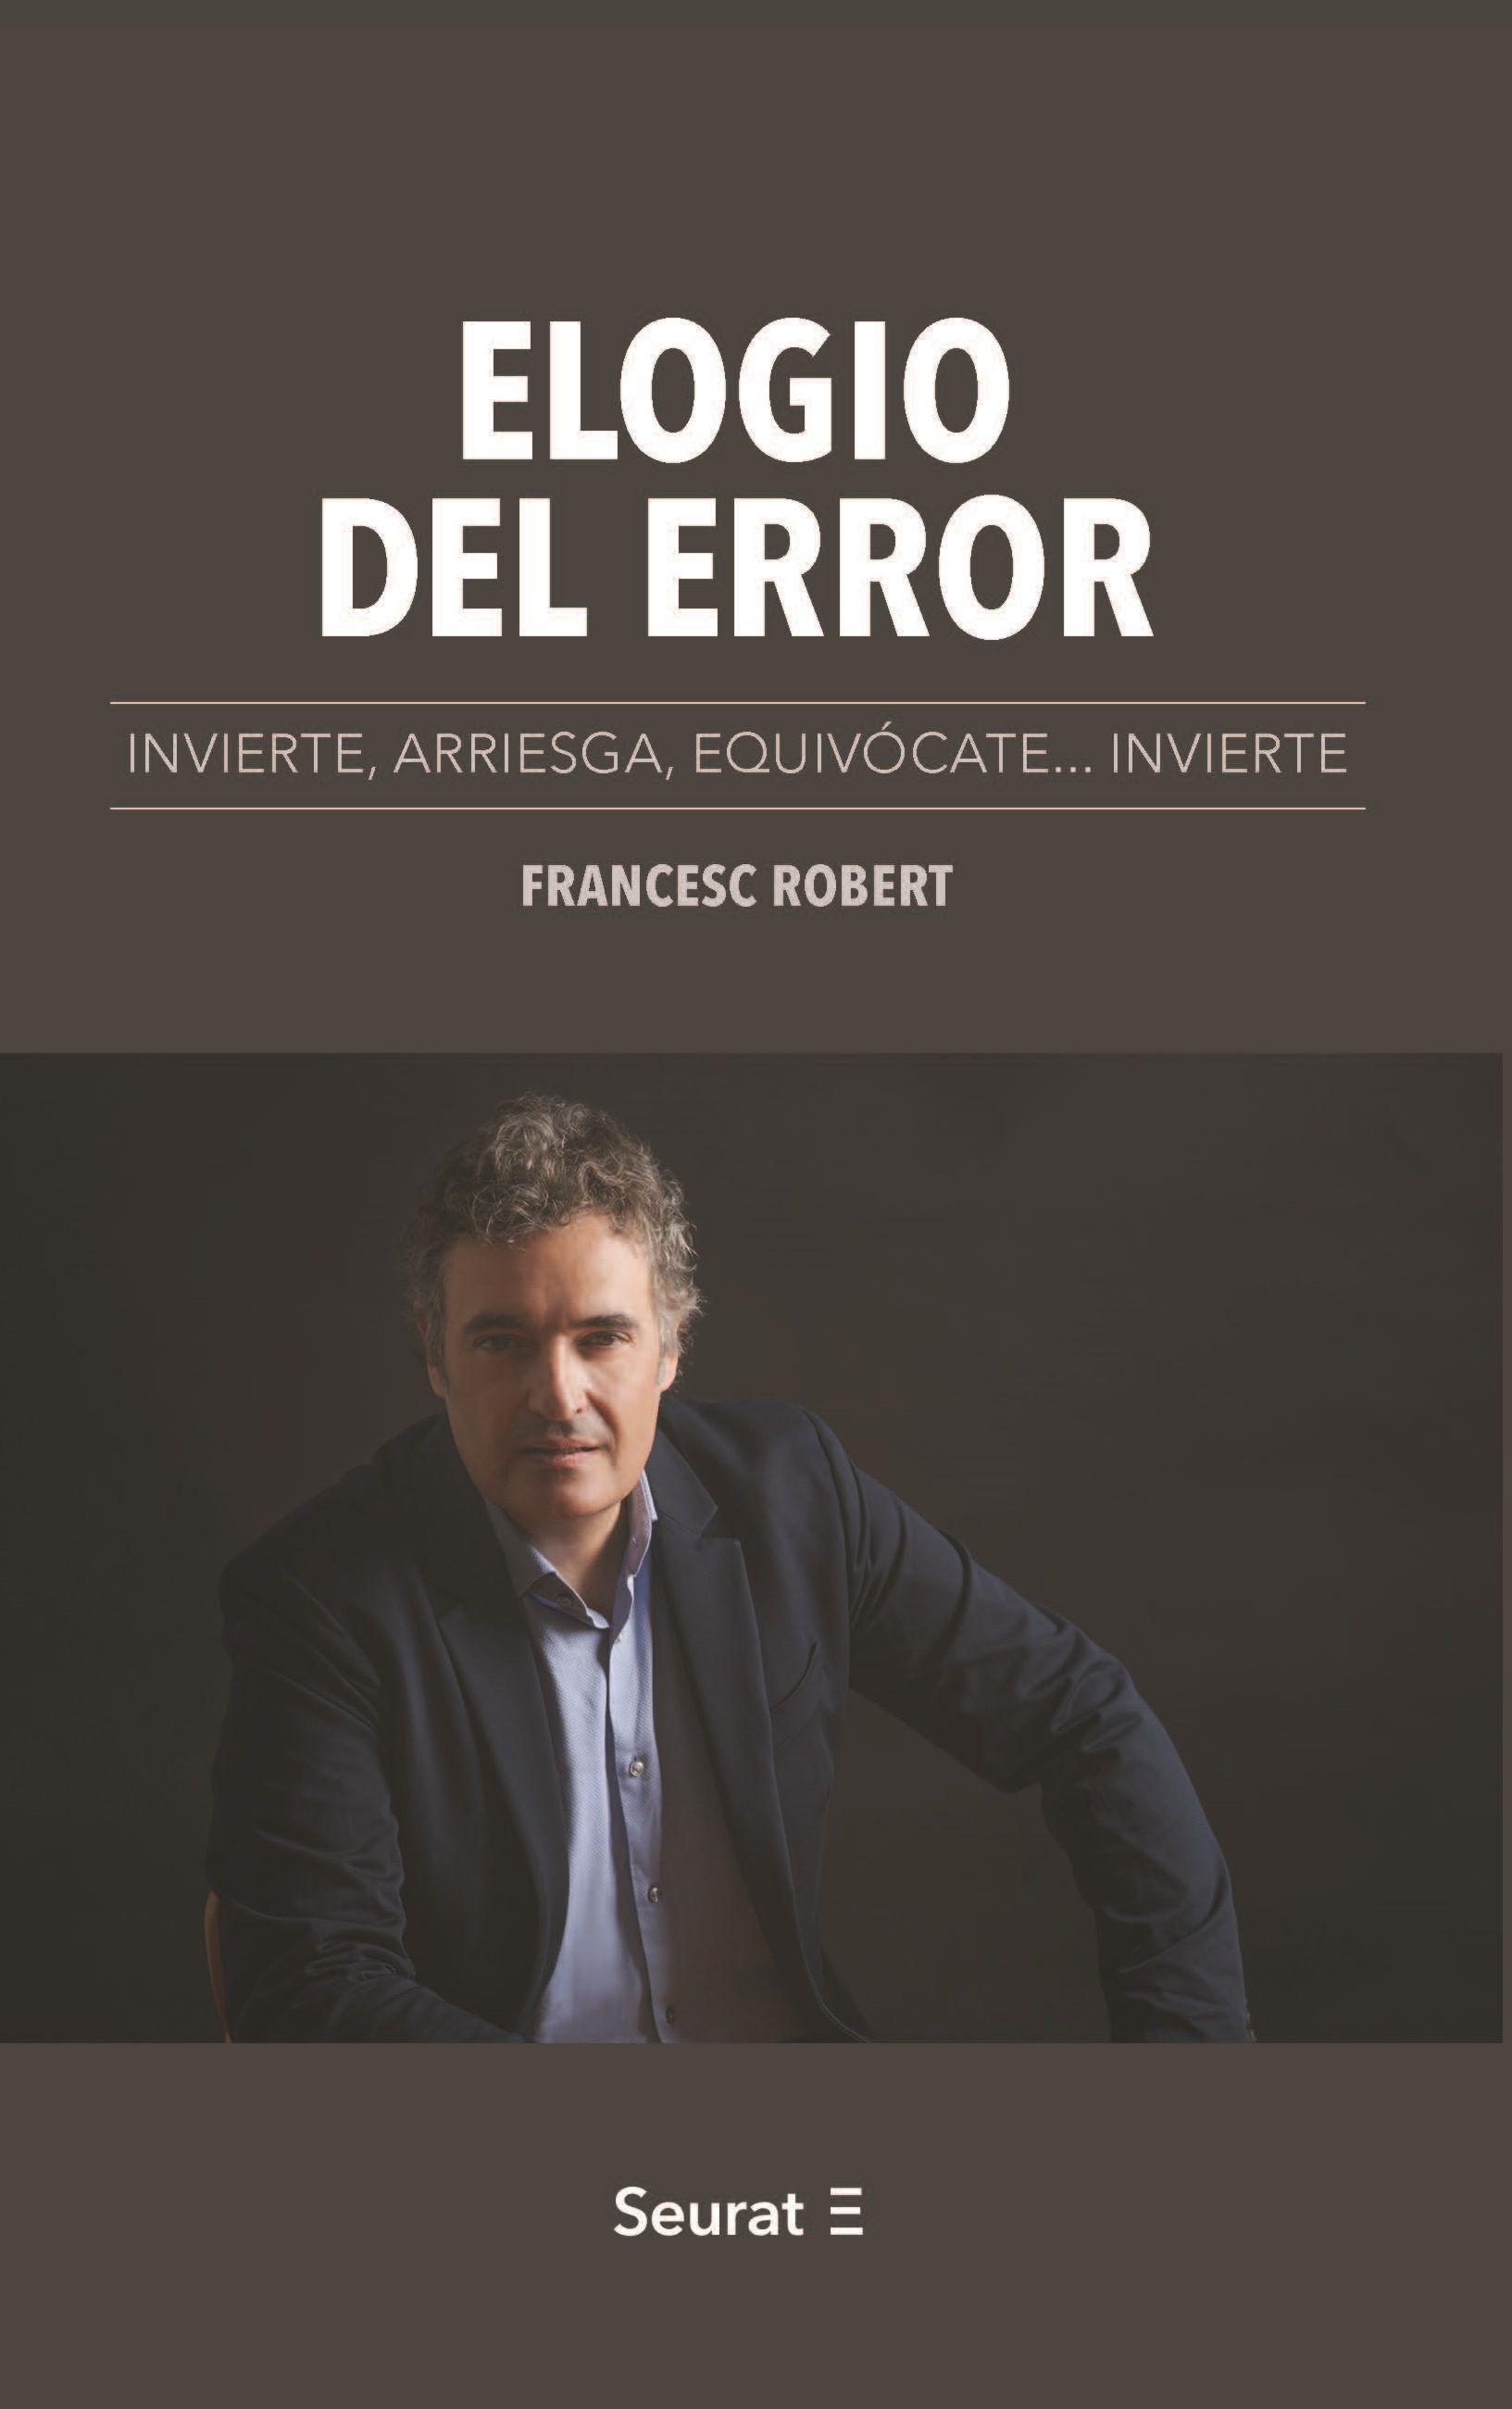 Francesc Robert convierte el error en aprendizaje en su ensayo 'Elogio del error'